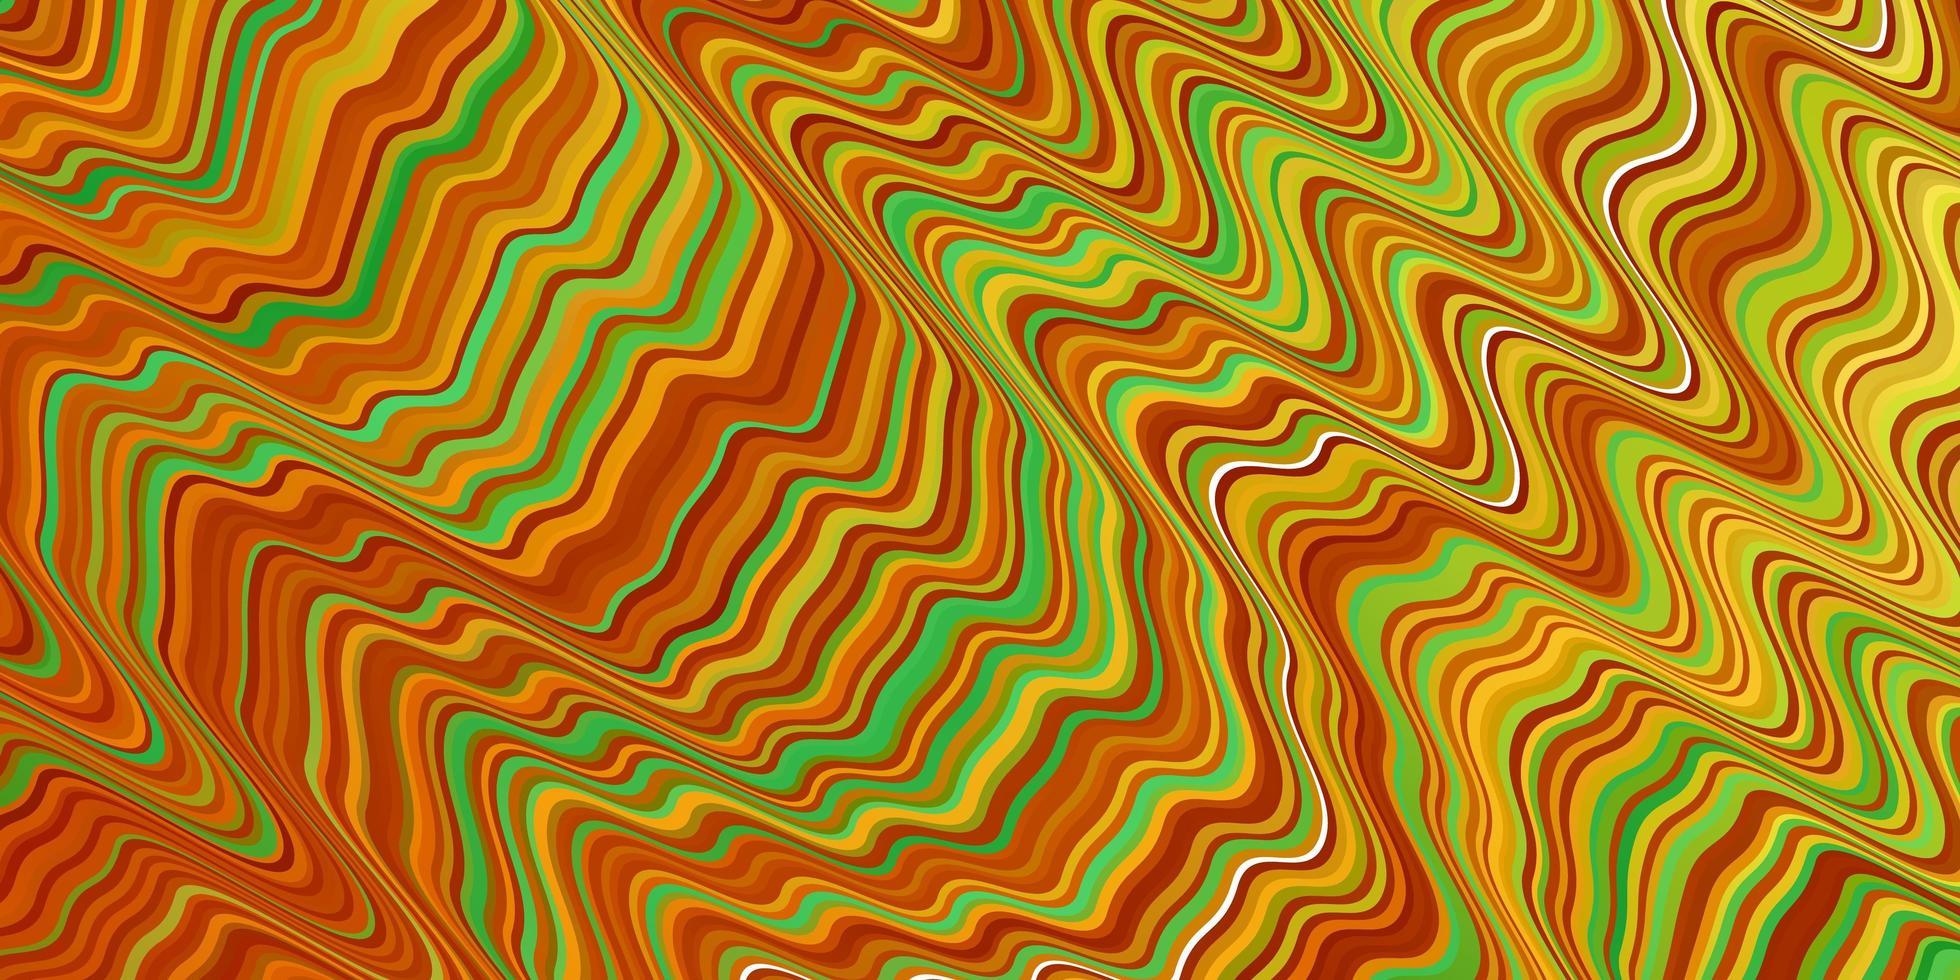 lichtgroene, gele vectorachtergrond met lijnen. vector